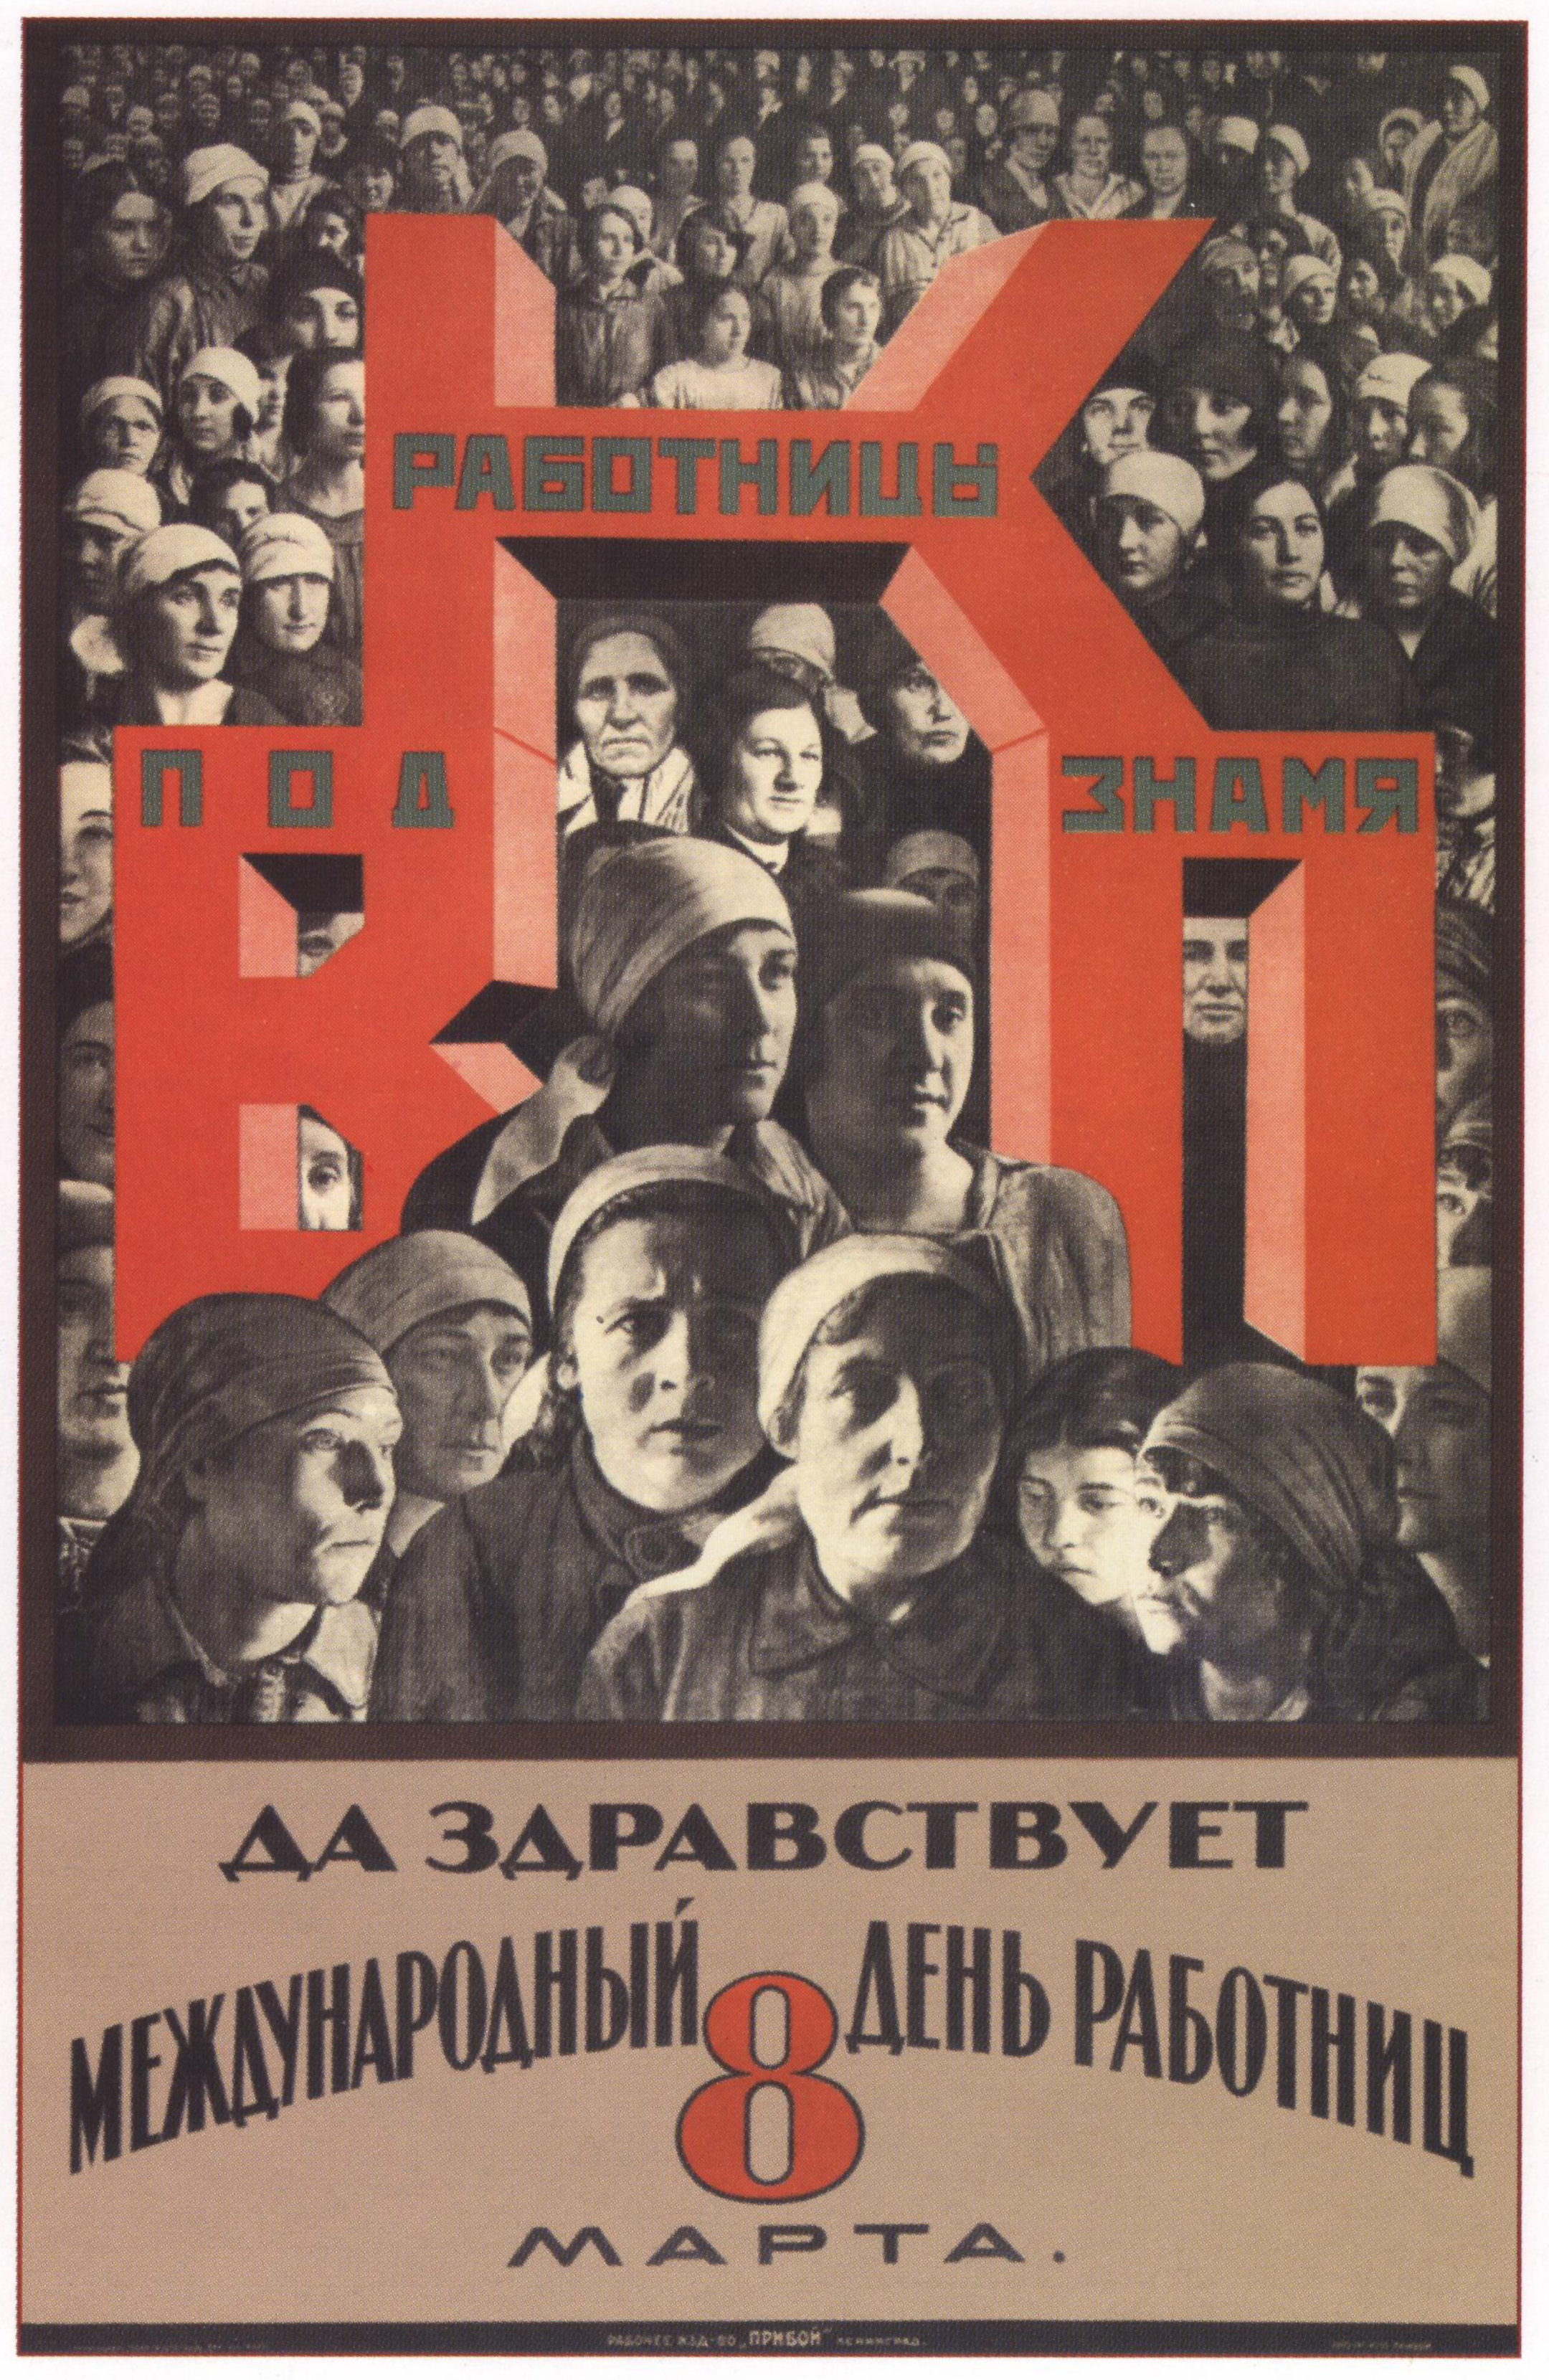 Работницы под знамя ВКП. Да здравствует Международный день работниц 8 Марта Автор: неизвестен Год: 1926